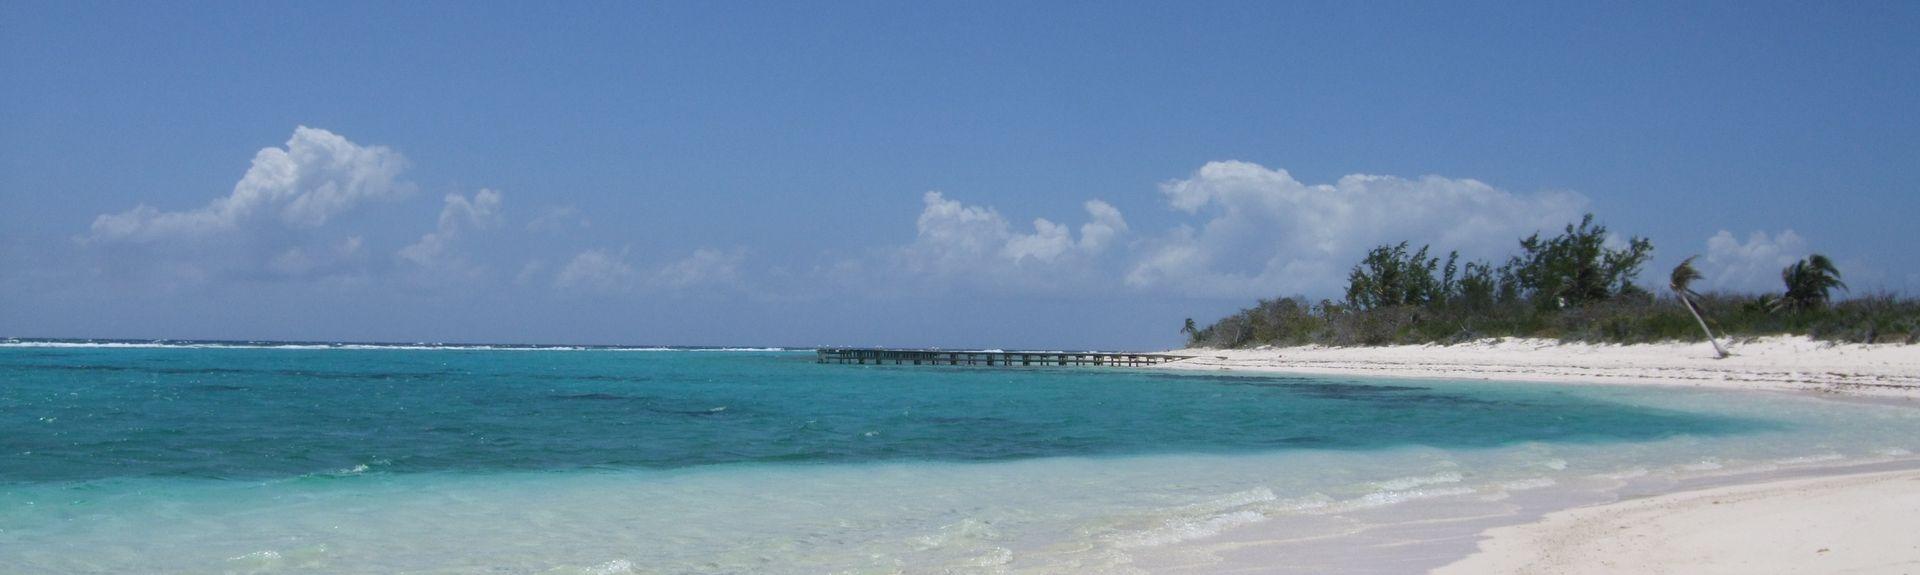 Blossom Village, Pequena Caimão, Ilhas Cayman